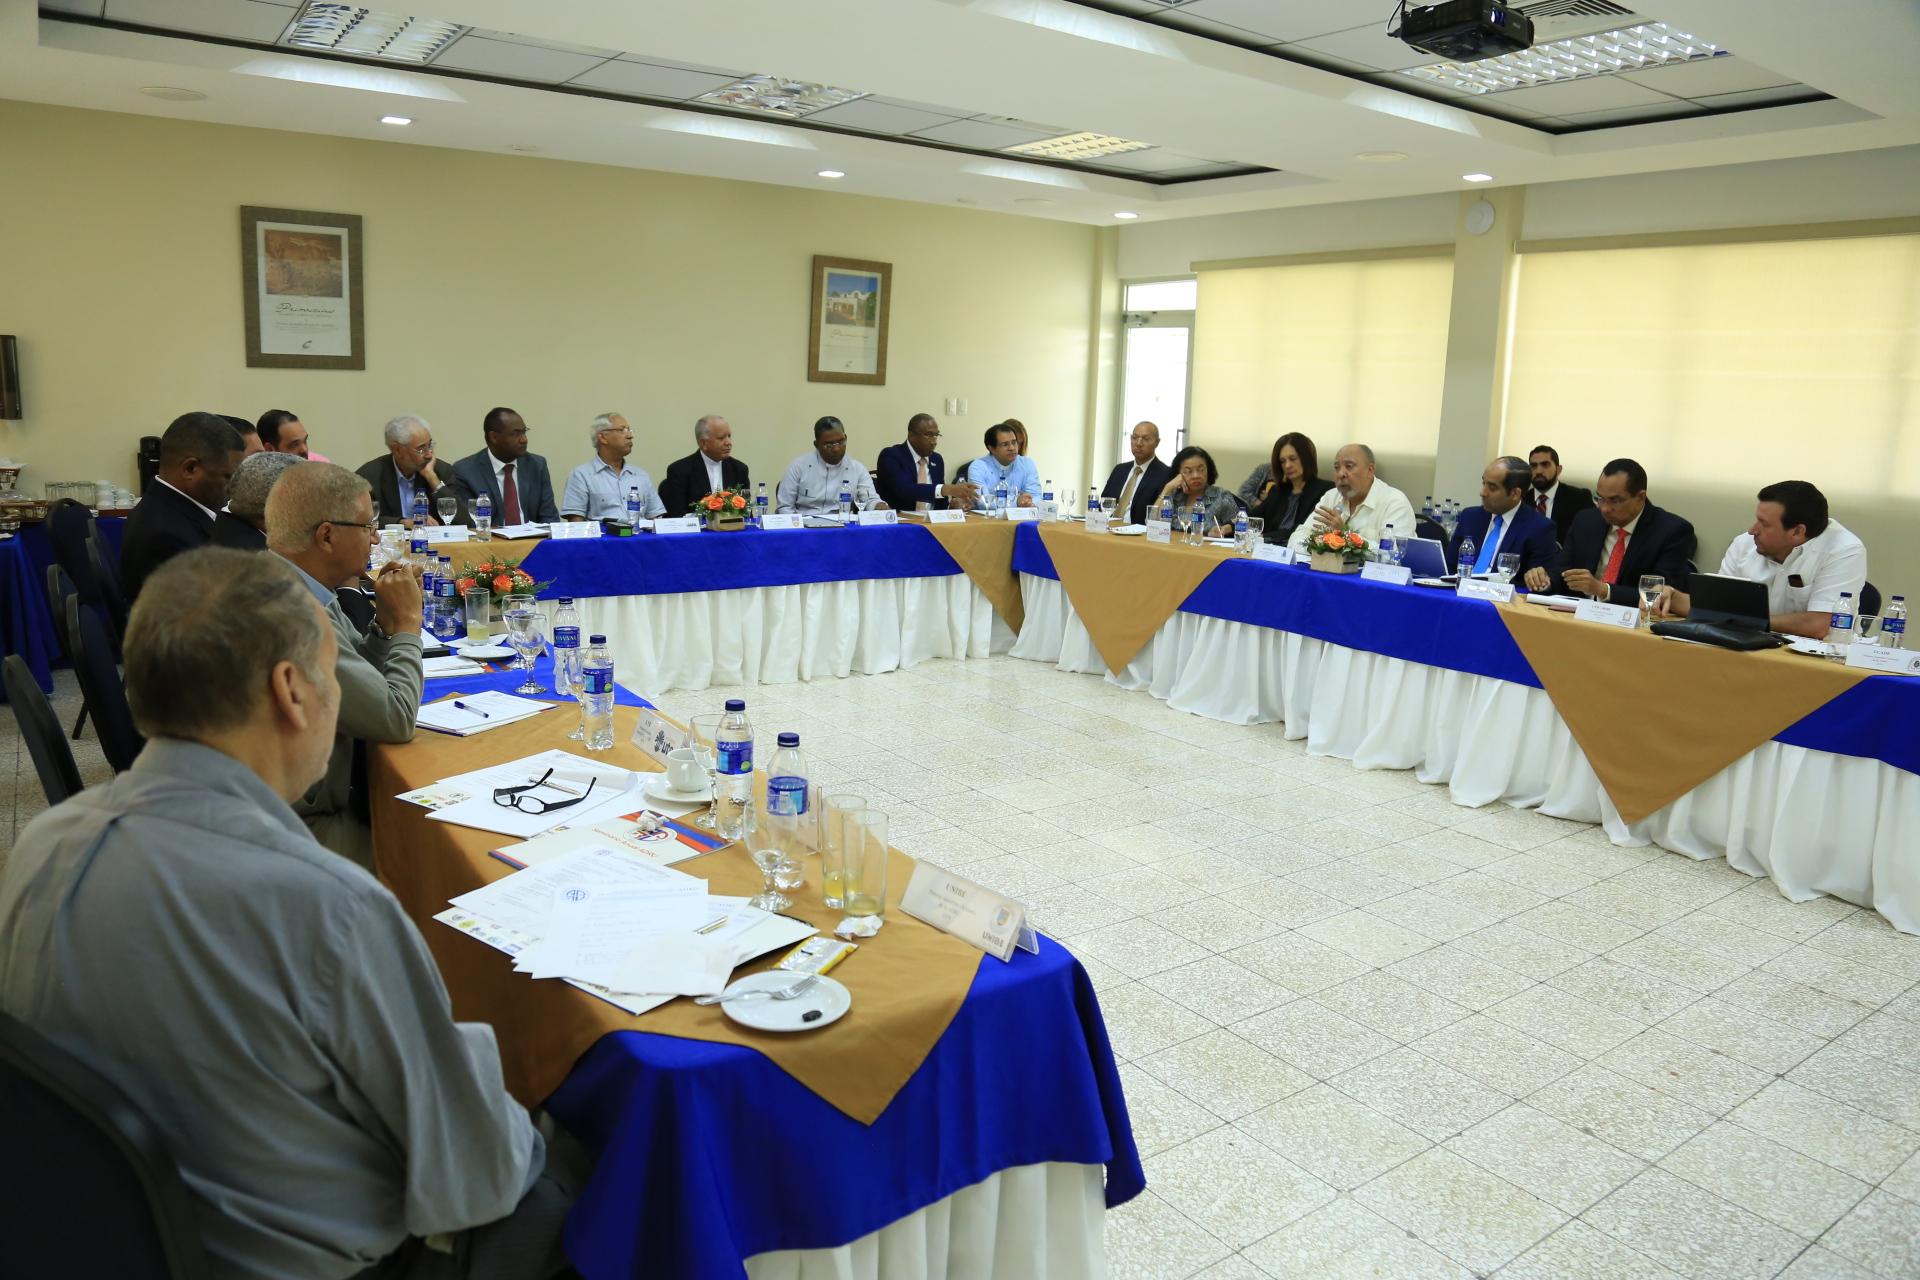 Rectores de Universidades del País se reúnen en Asamblea en UCATEBA